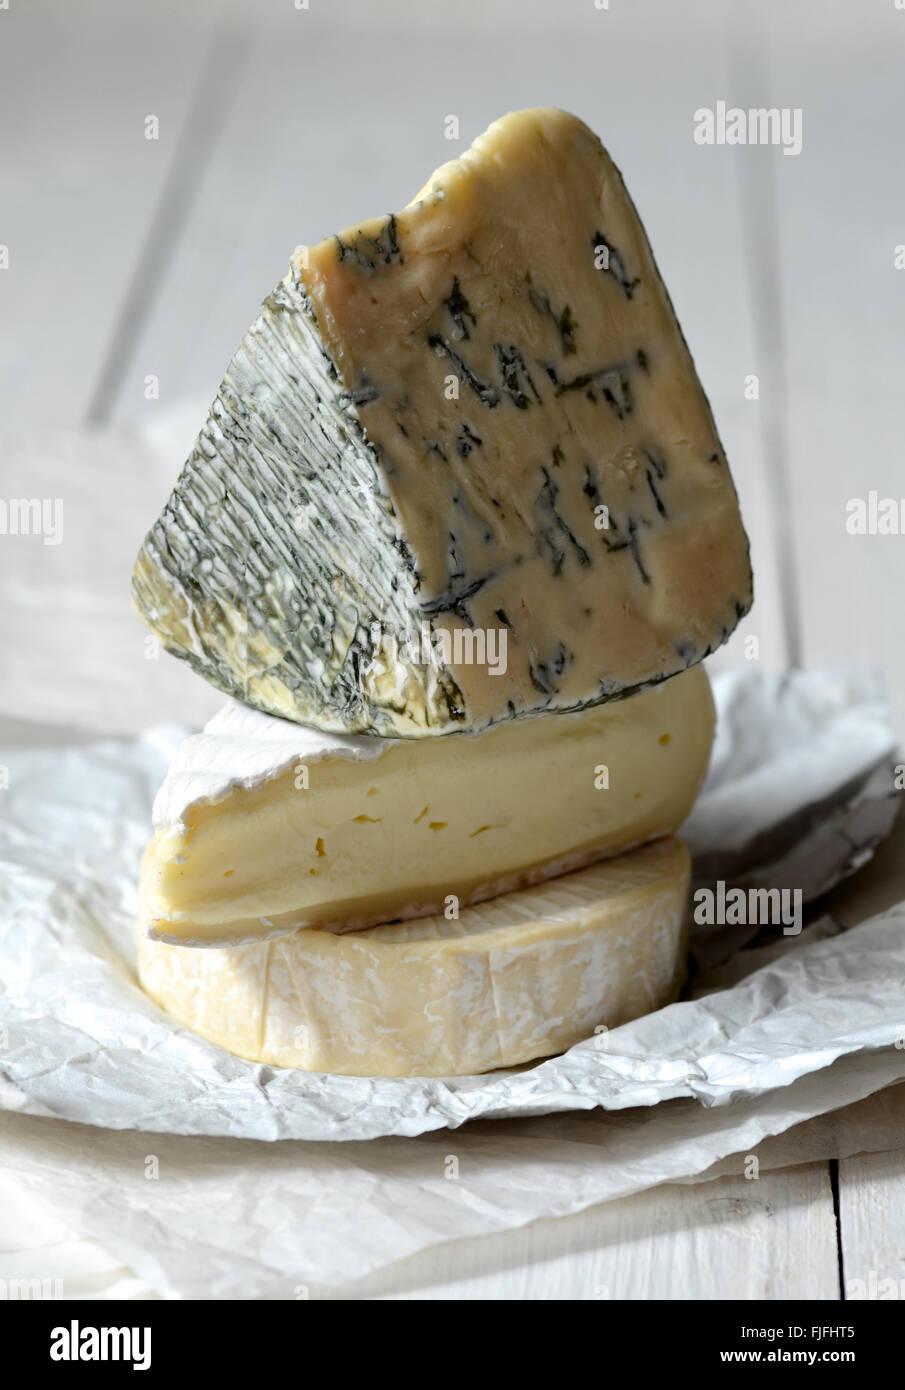 Diversi tipi di formaggi:, Camembert Brie, formaggio blu Foto Stock